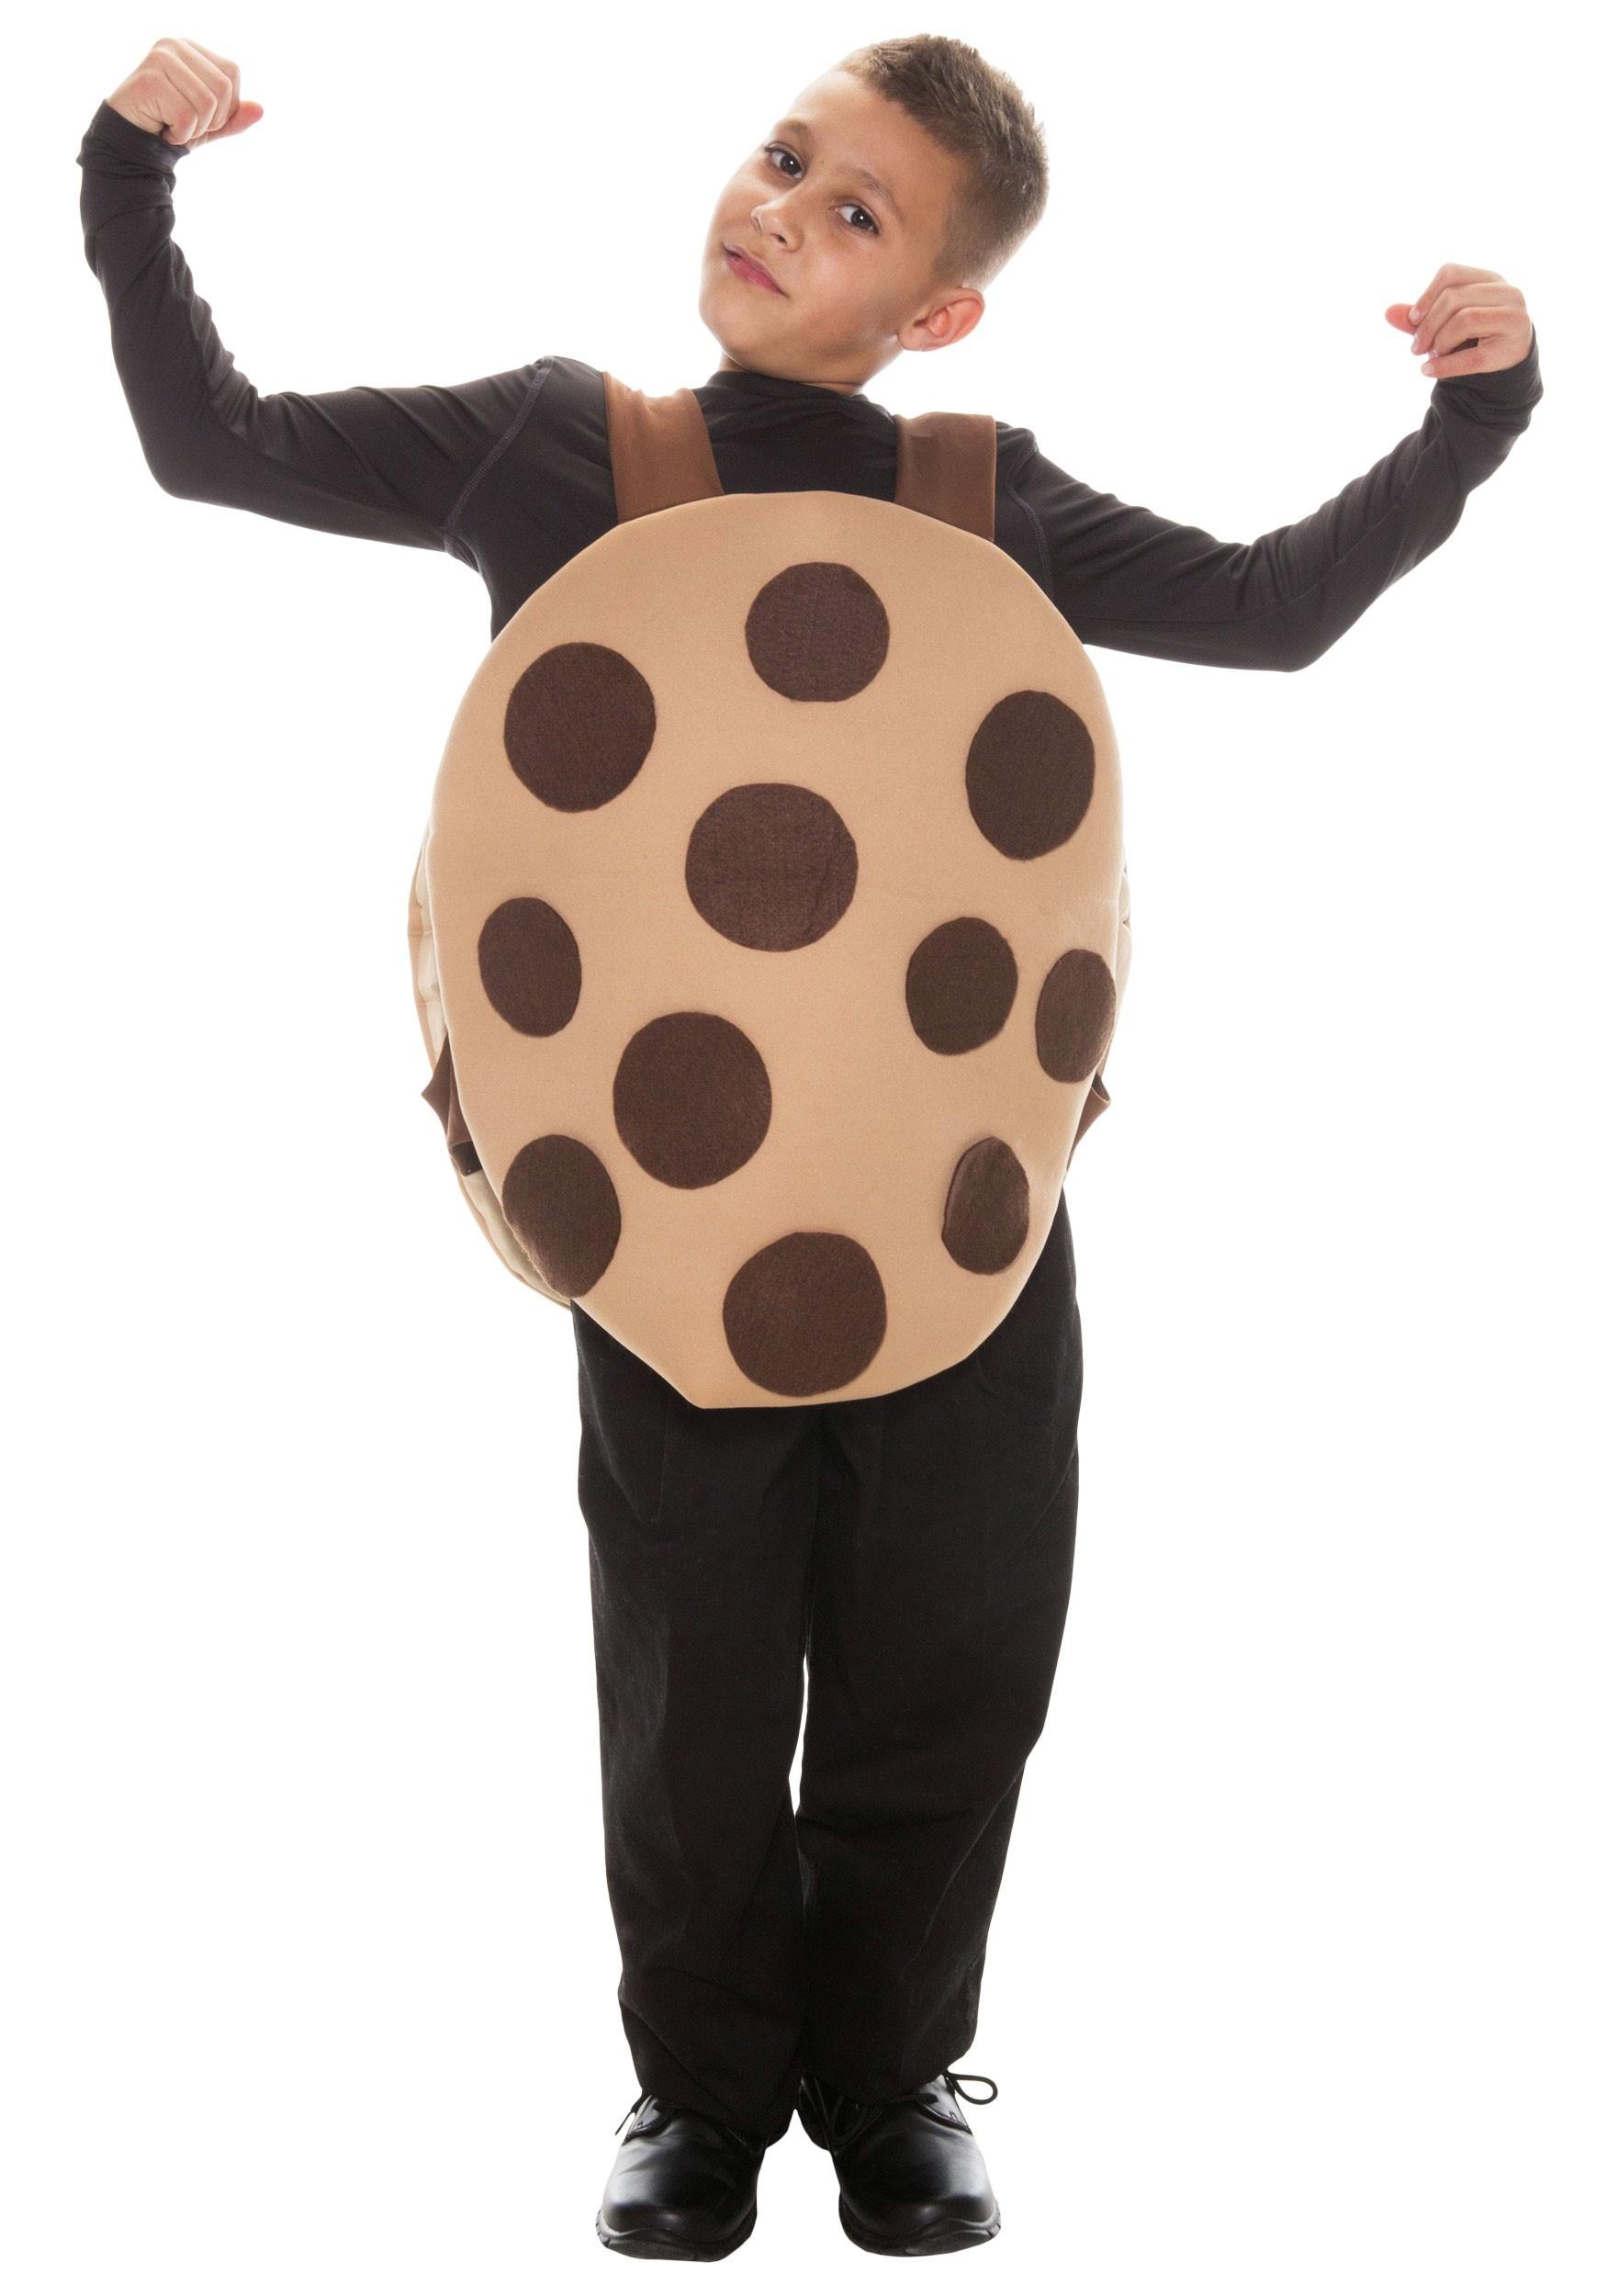 Cookies Halloween Costumes  Child Cookie Costume